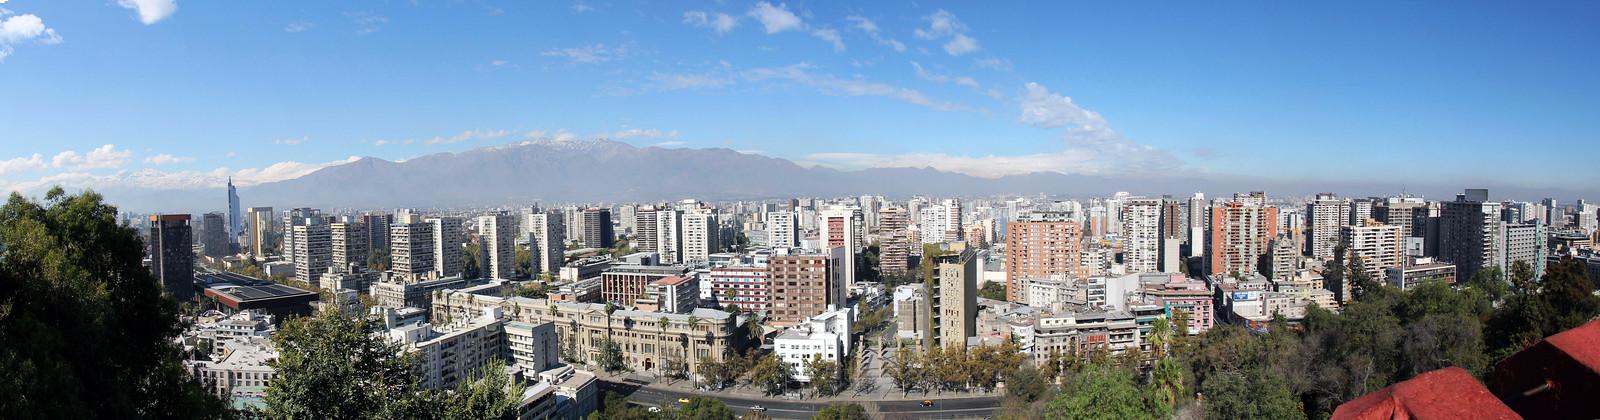 santiago skyline panorama